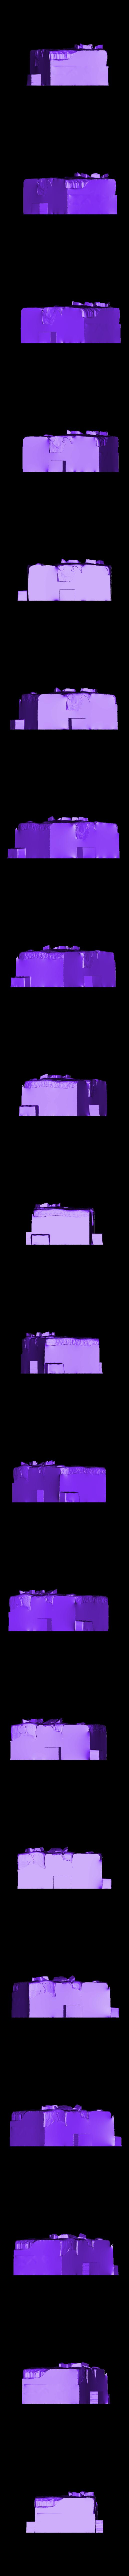 Base6.stl Télécharger fichier STL TUEUR À GAGES • Objet à imprimer en 3D, freeclimbingbo